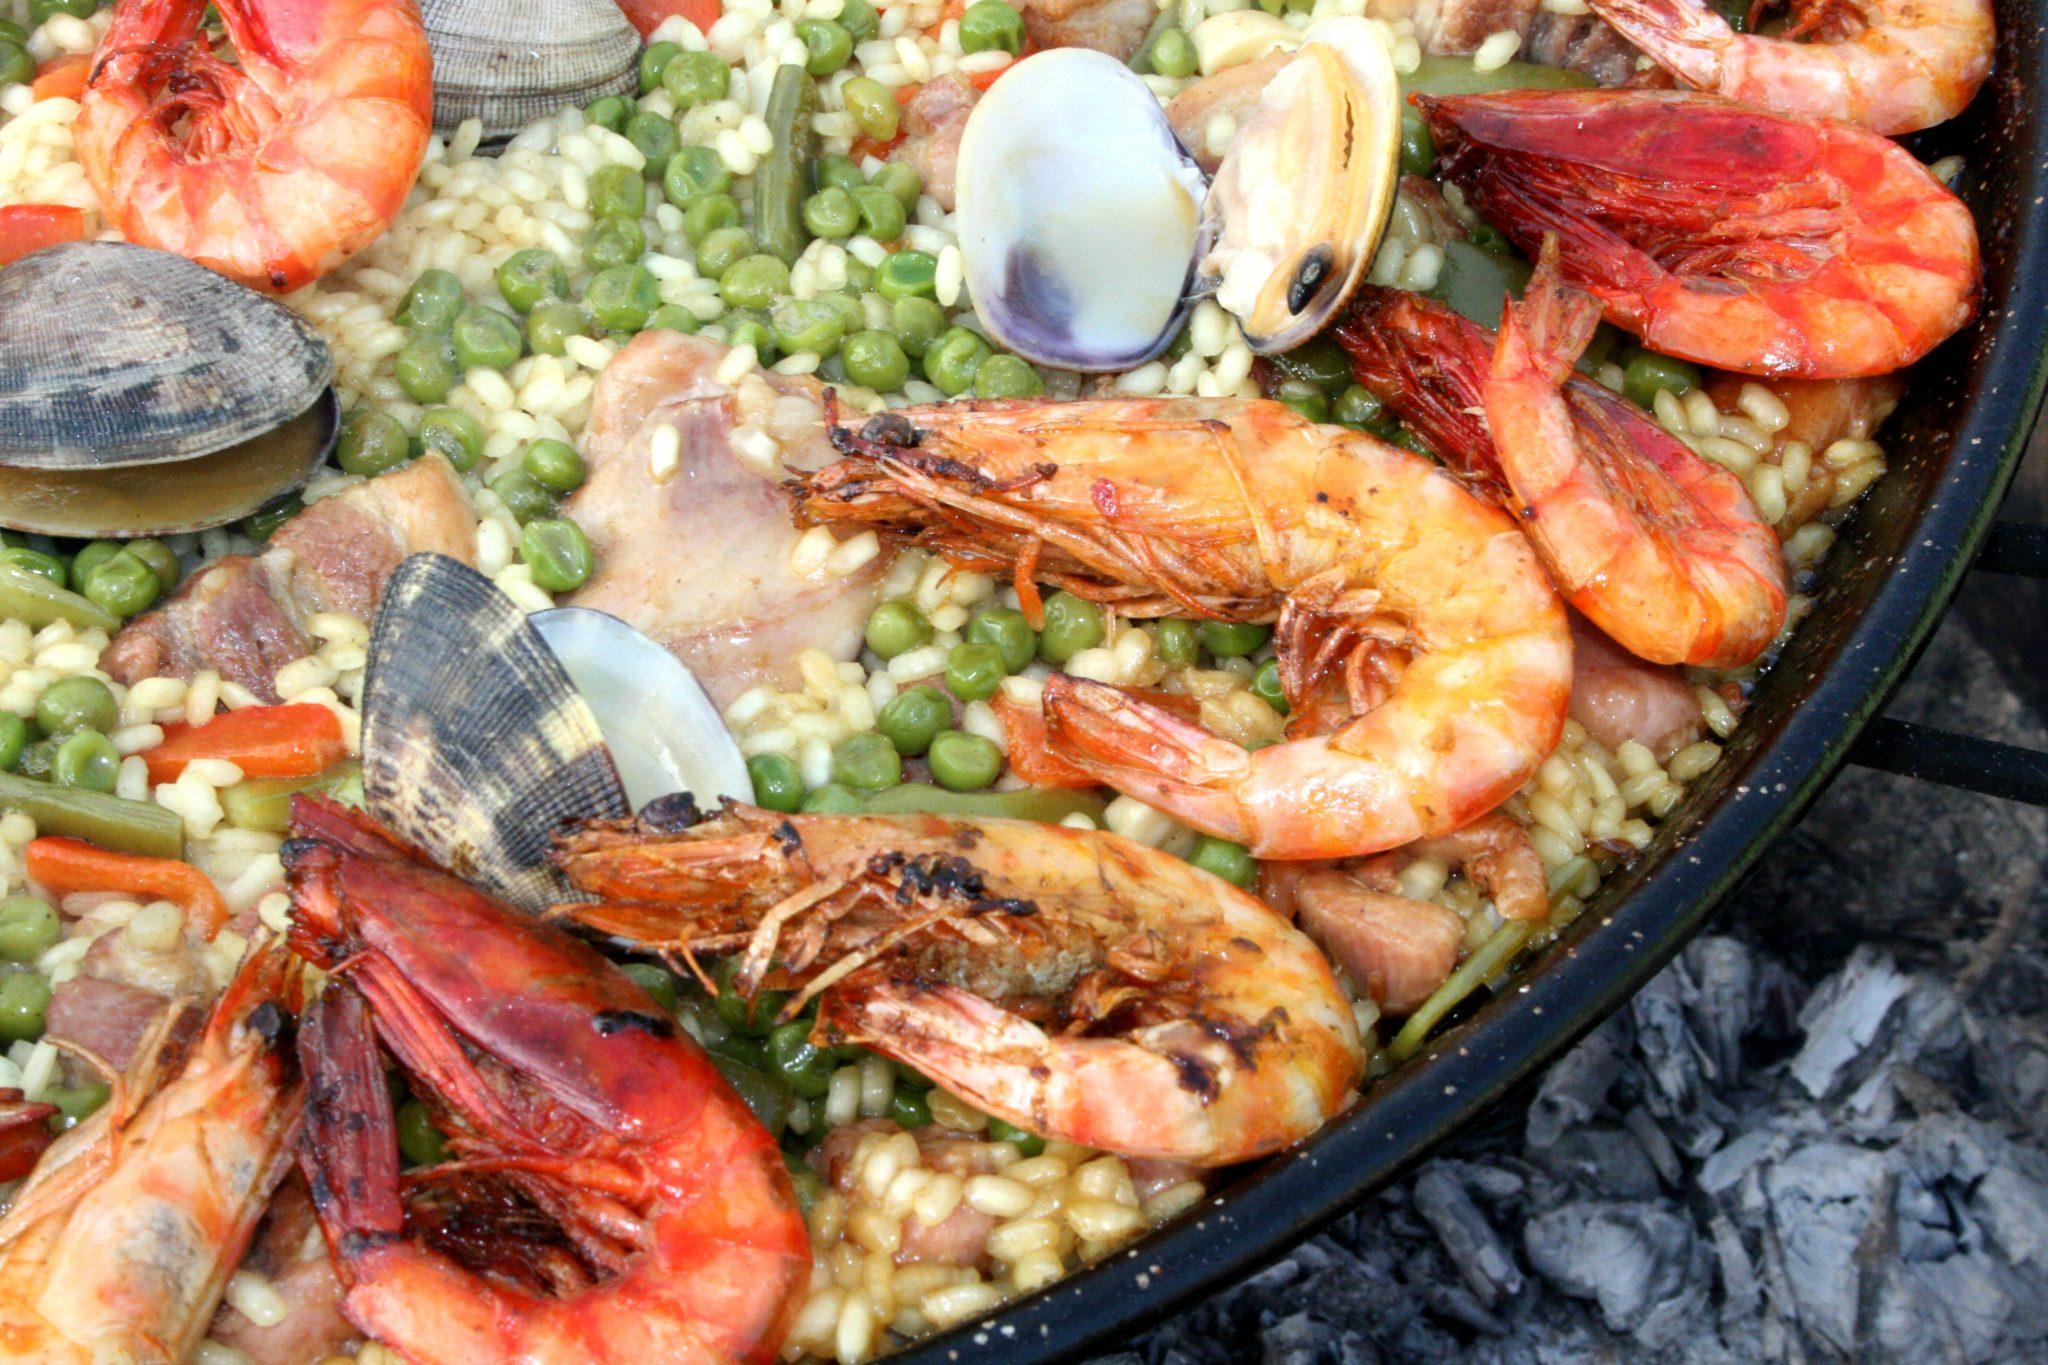 paella 1168008 - Wokół stołu - jak to ugryźć - raki, owoce morza, kawior